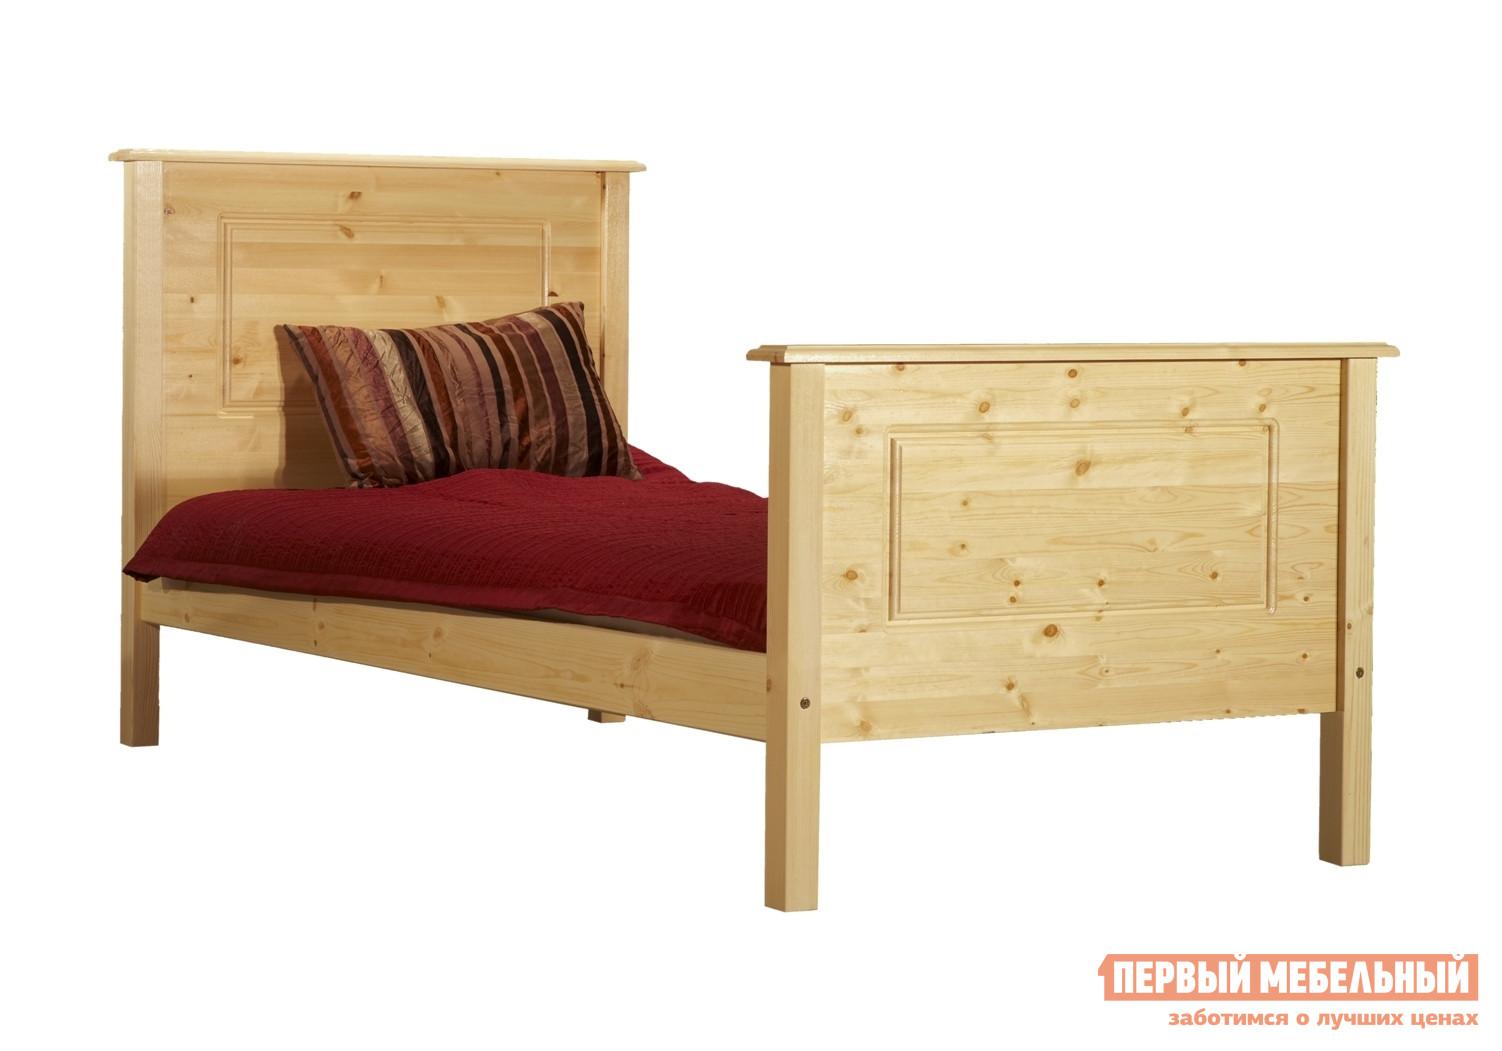 купить Деревянная полуторная кровать Timberica Тора-2 по цене 10560 рублей